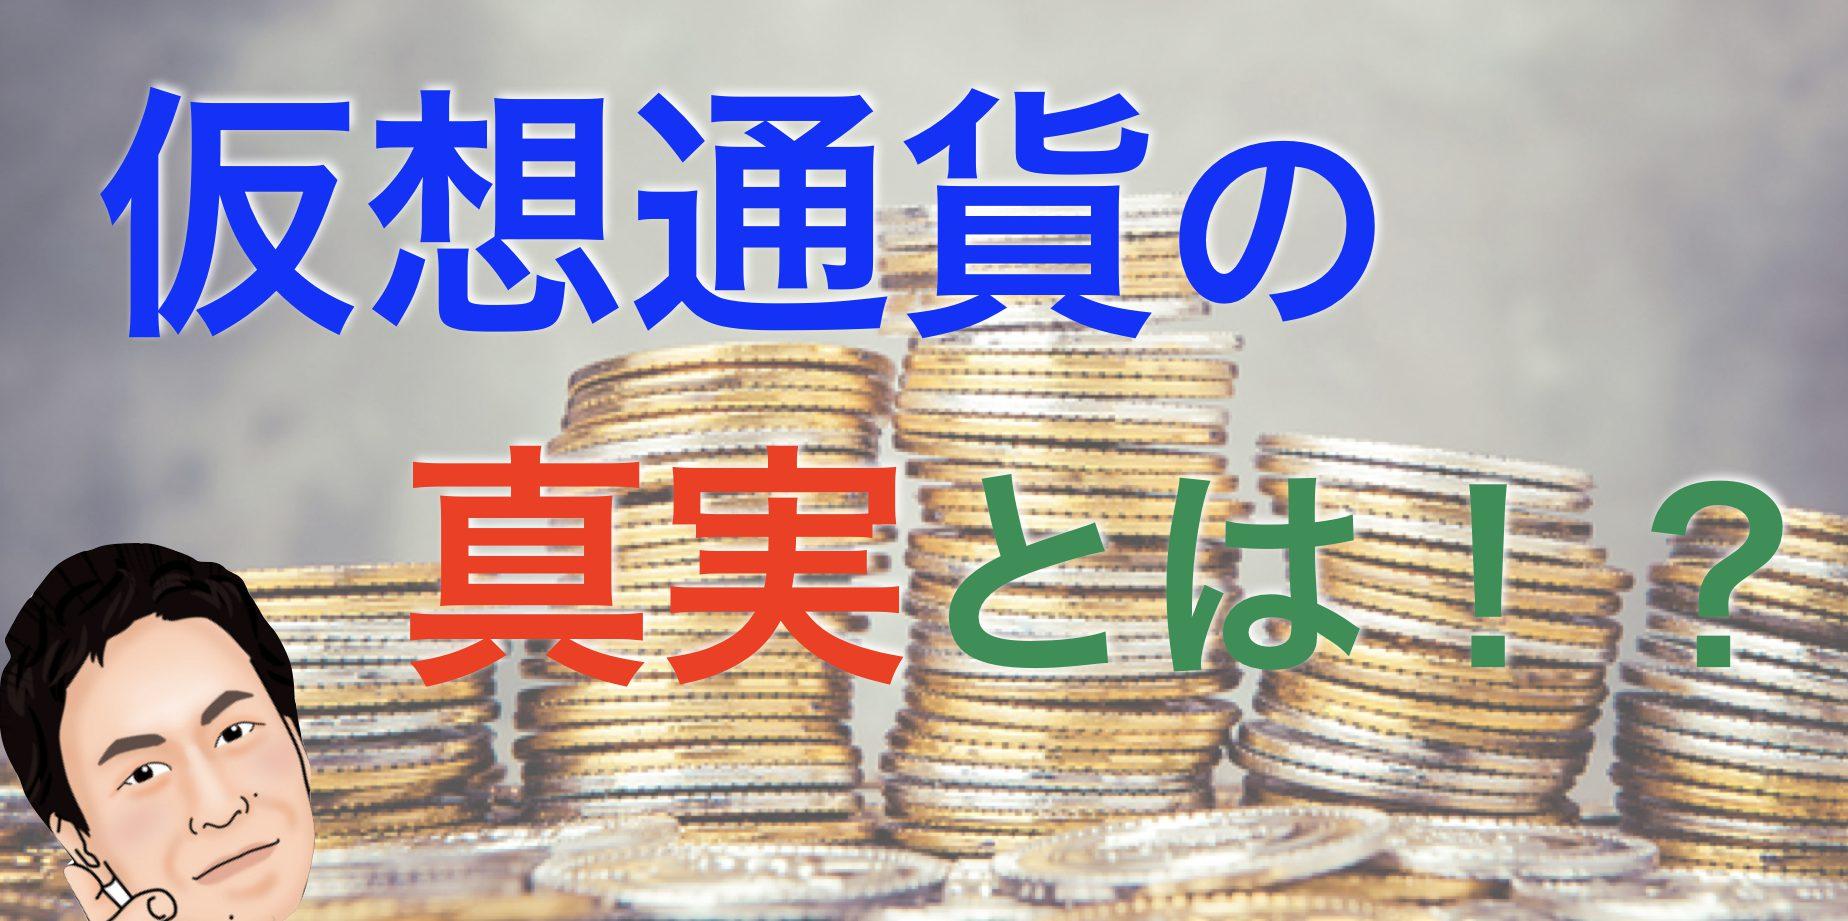 仮想通貨の真実